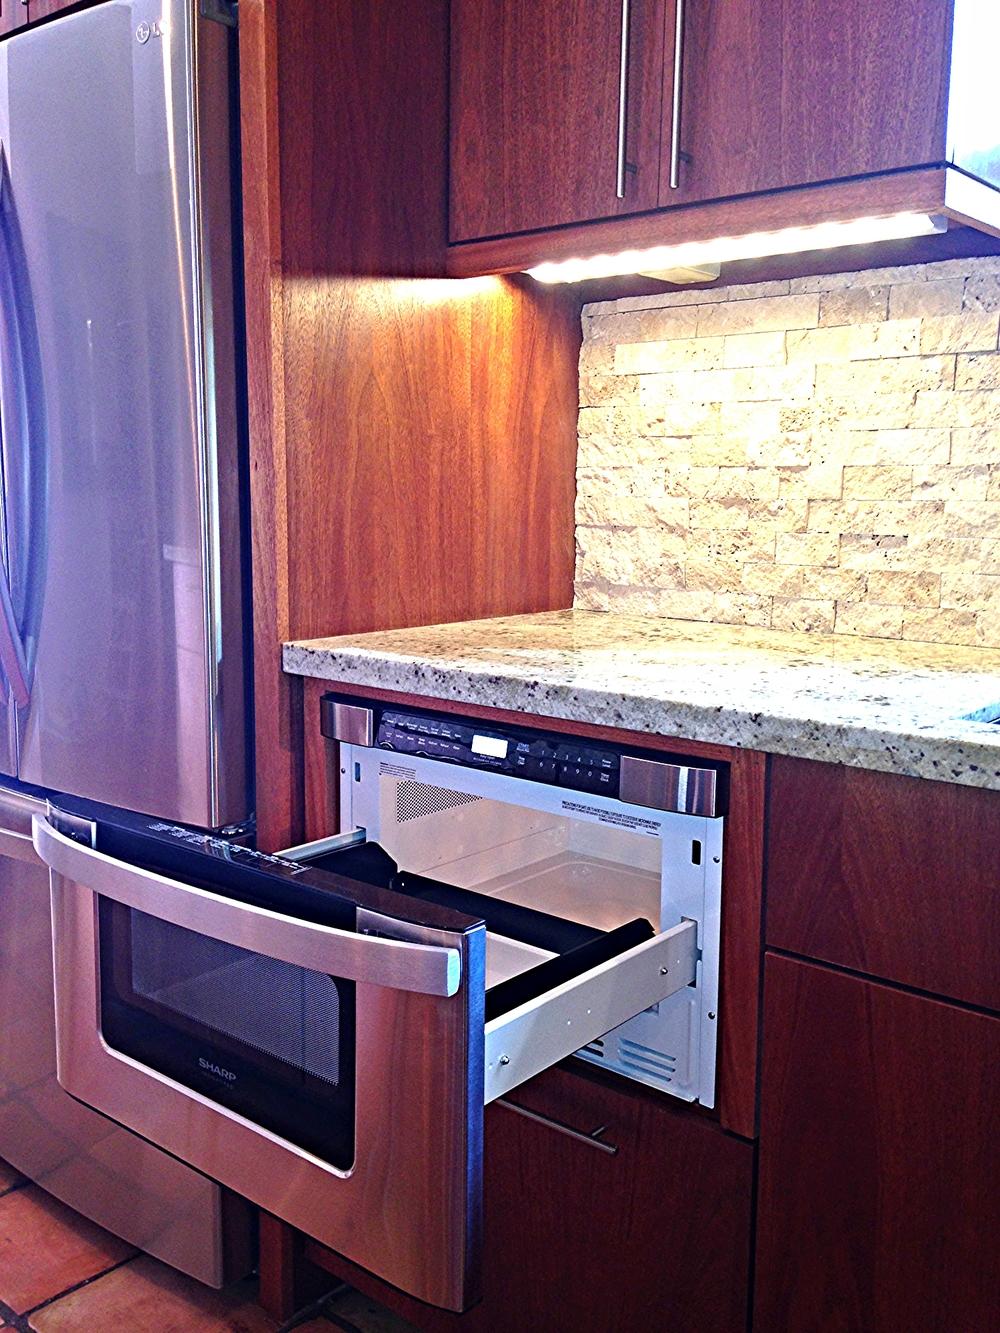 Bukolt kitchen remodel view eight